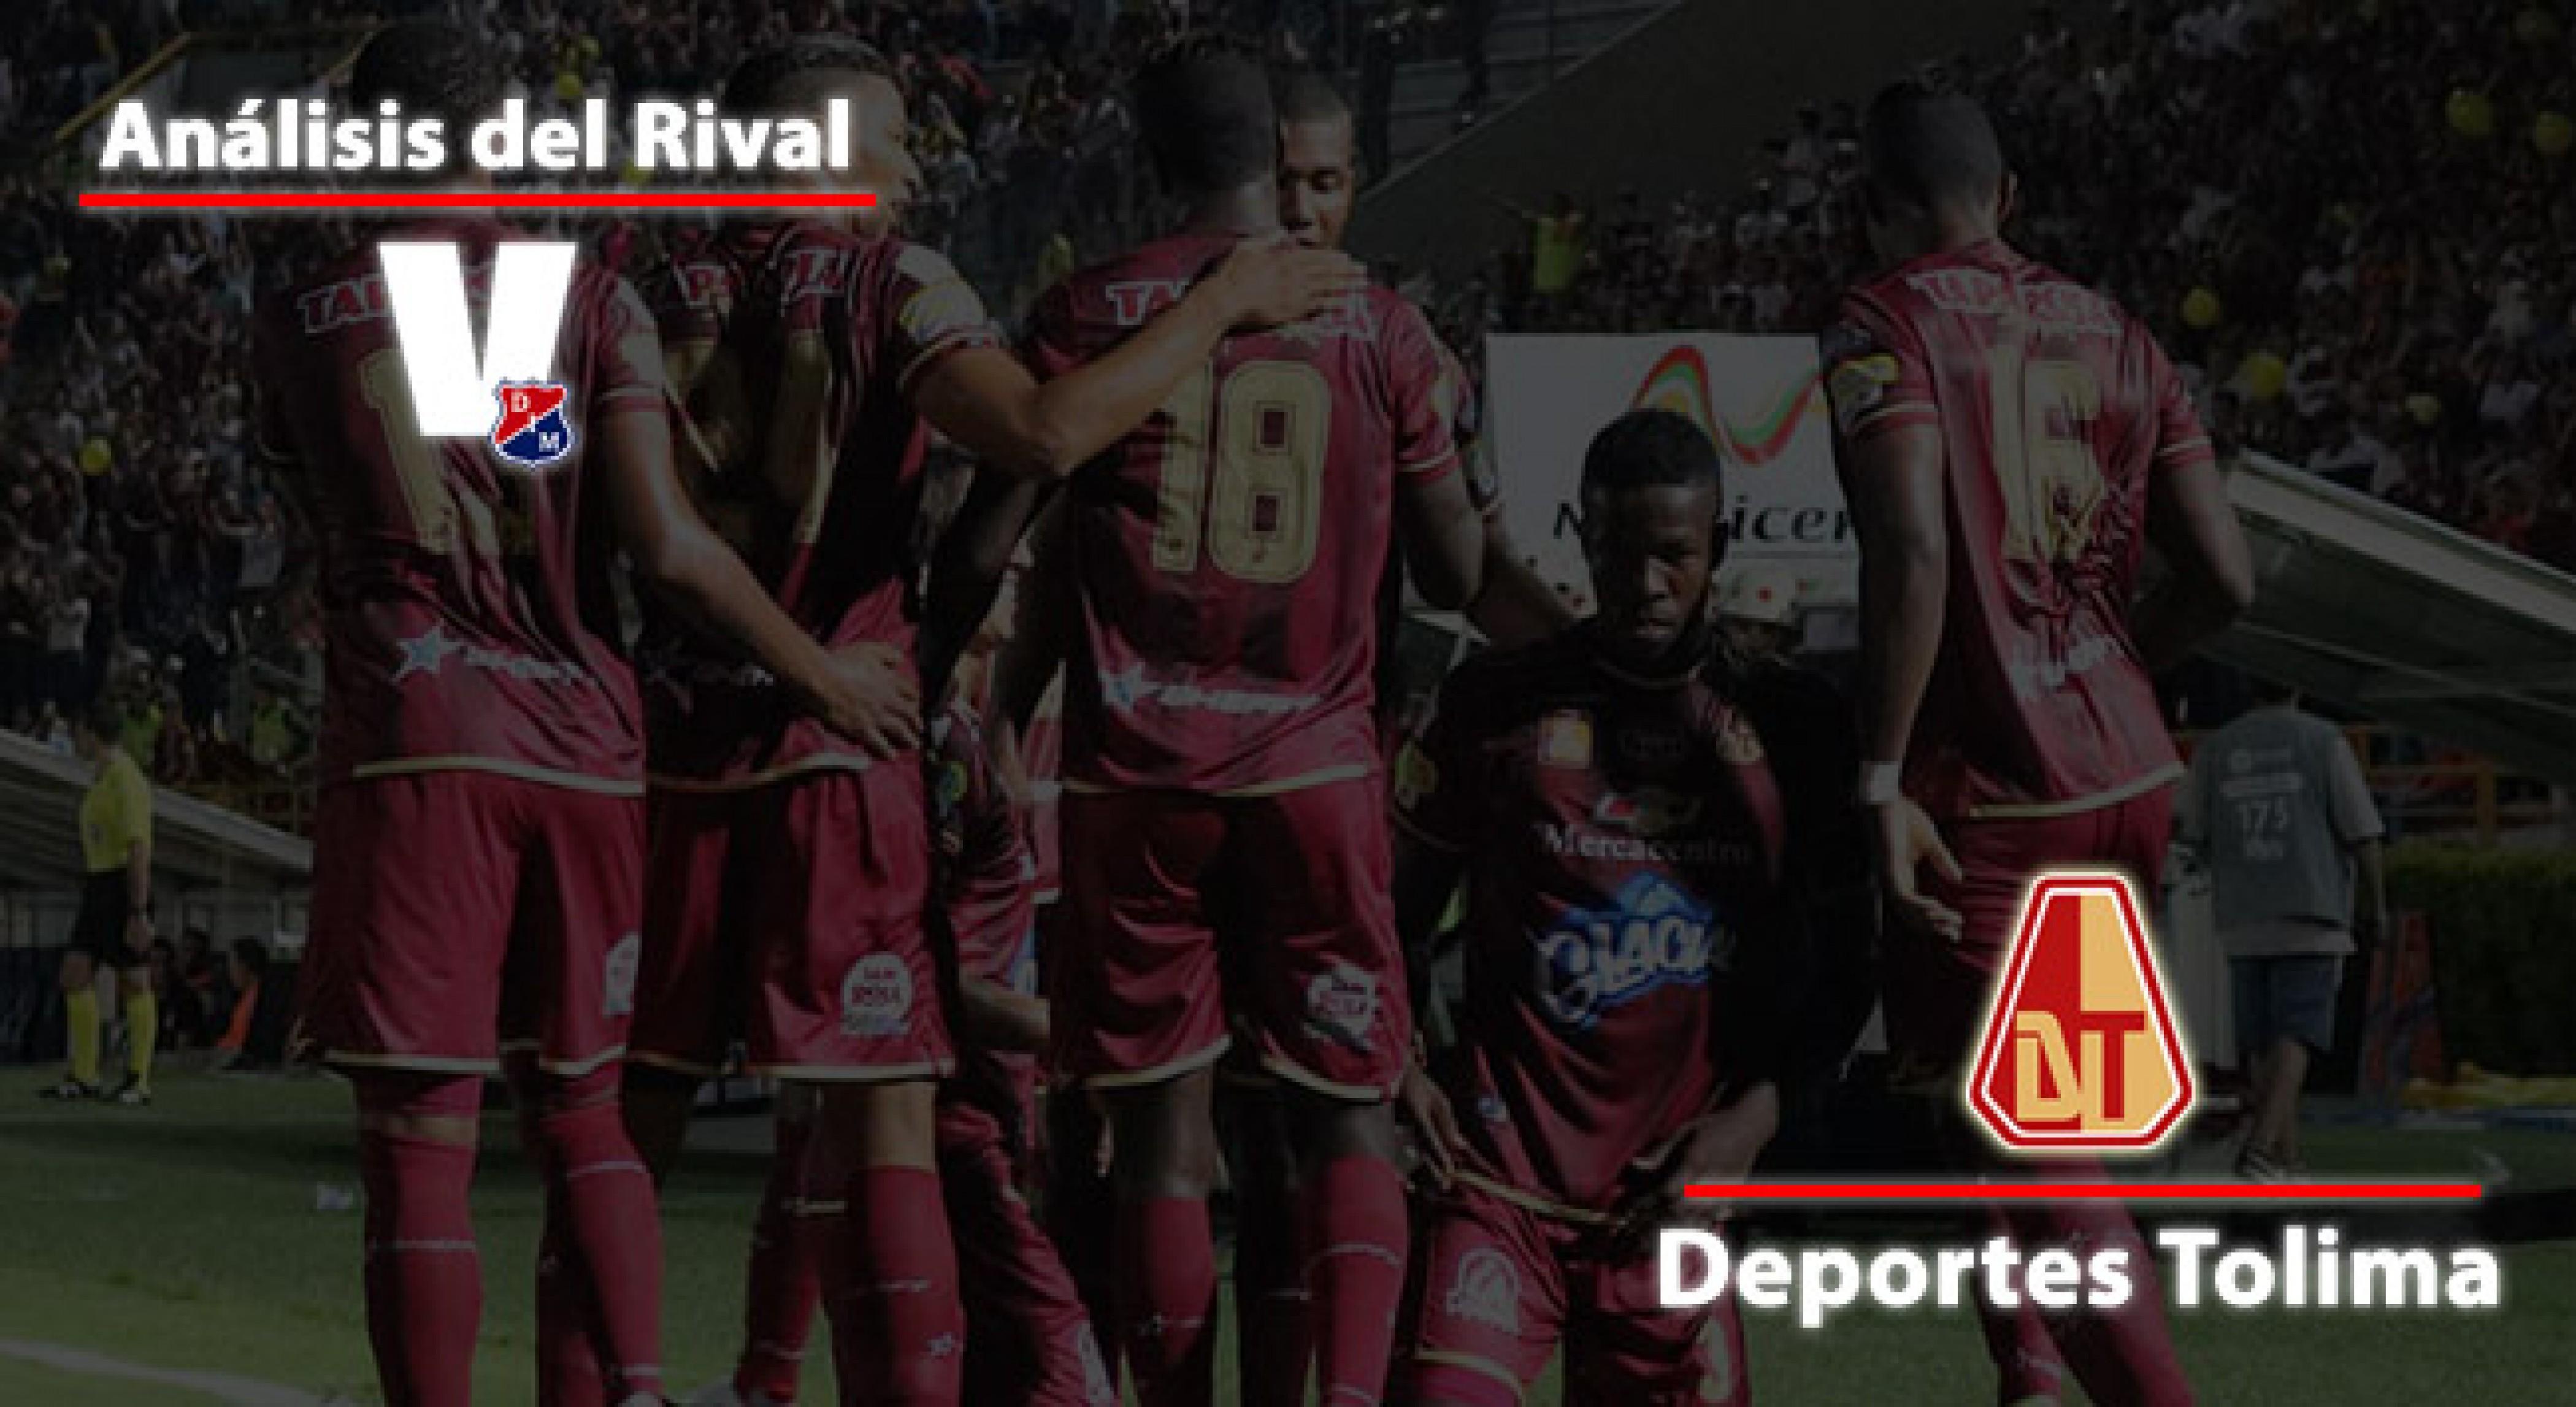 Análisis del rival: Deportes Tolima